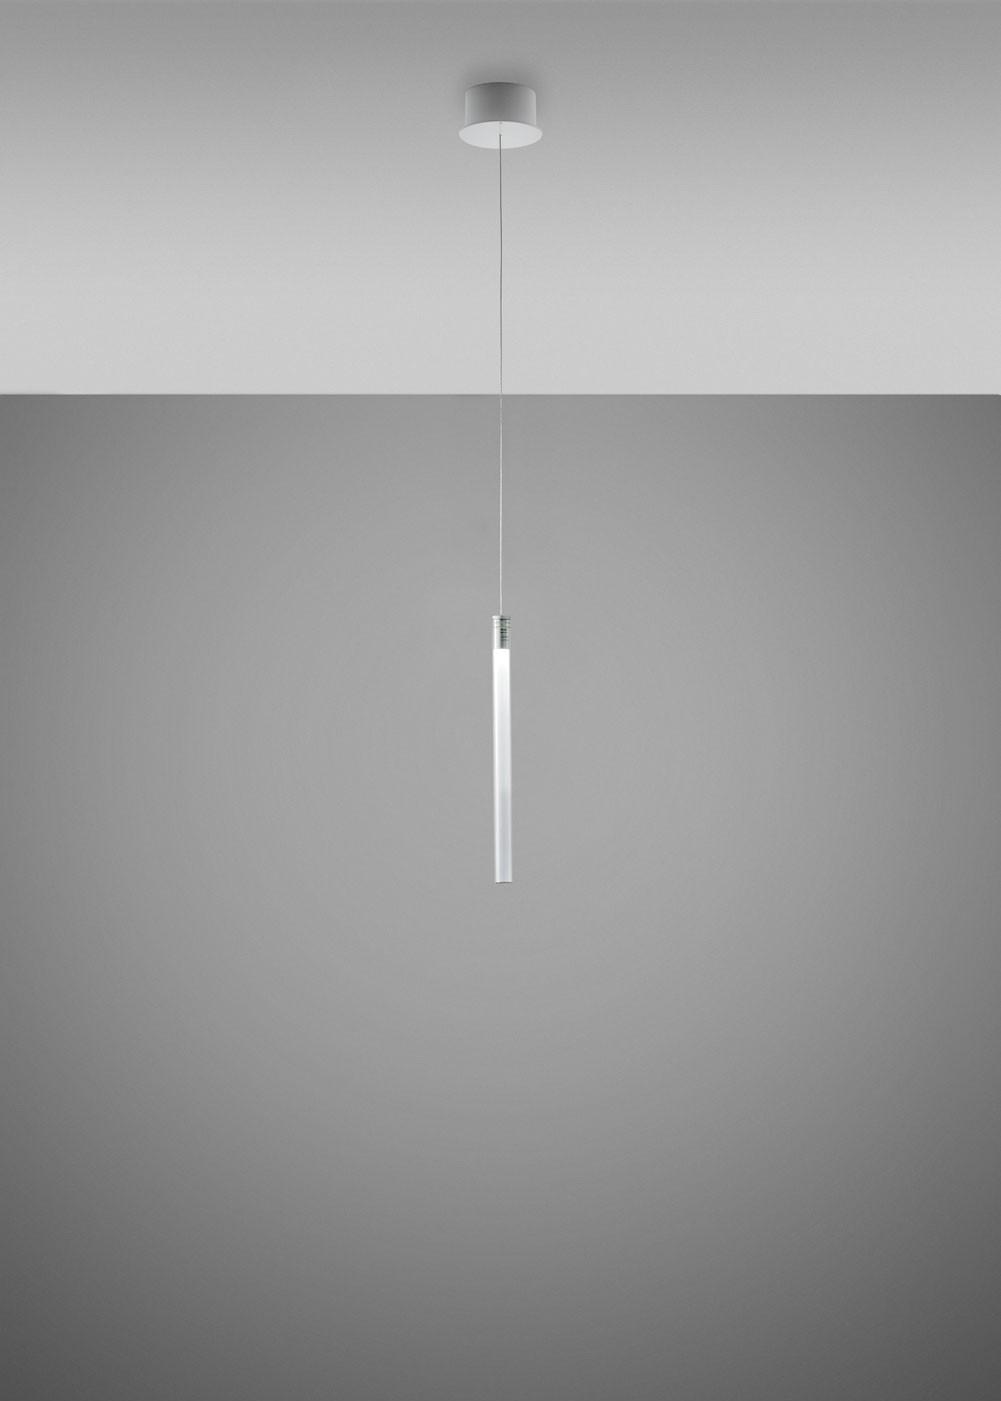 Multispot F32 A01 00 - Fabbian - lampa wisząca